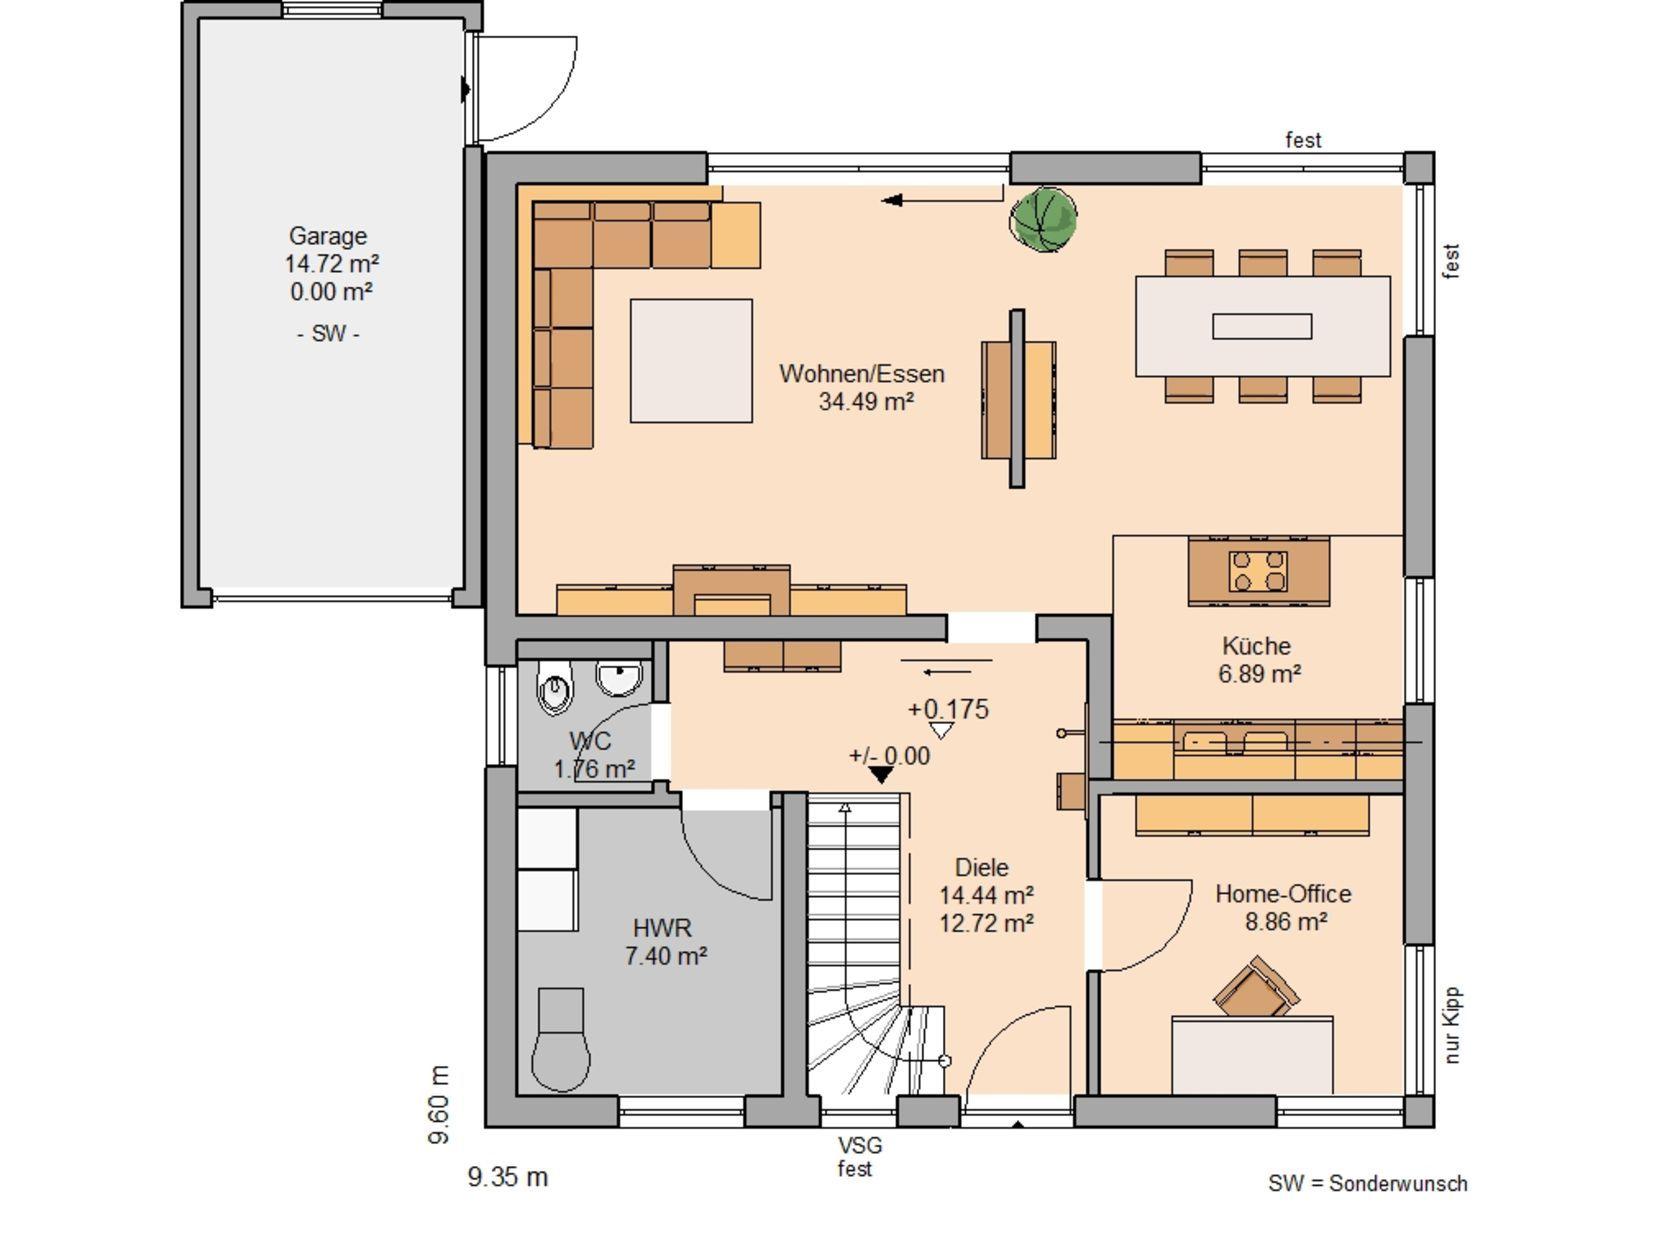 Einfamilienhaus grundriss mit garage  Kern-Haus Familienhaus Luna Plus Grundriss Erdgeschoss ...